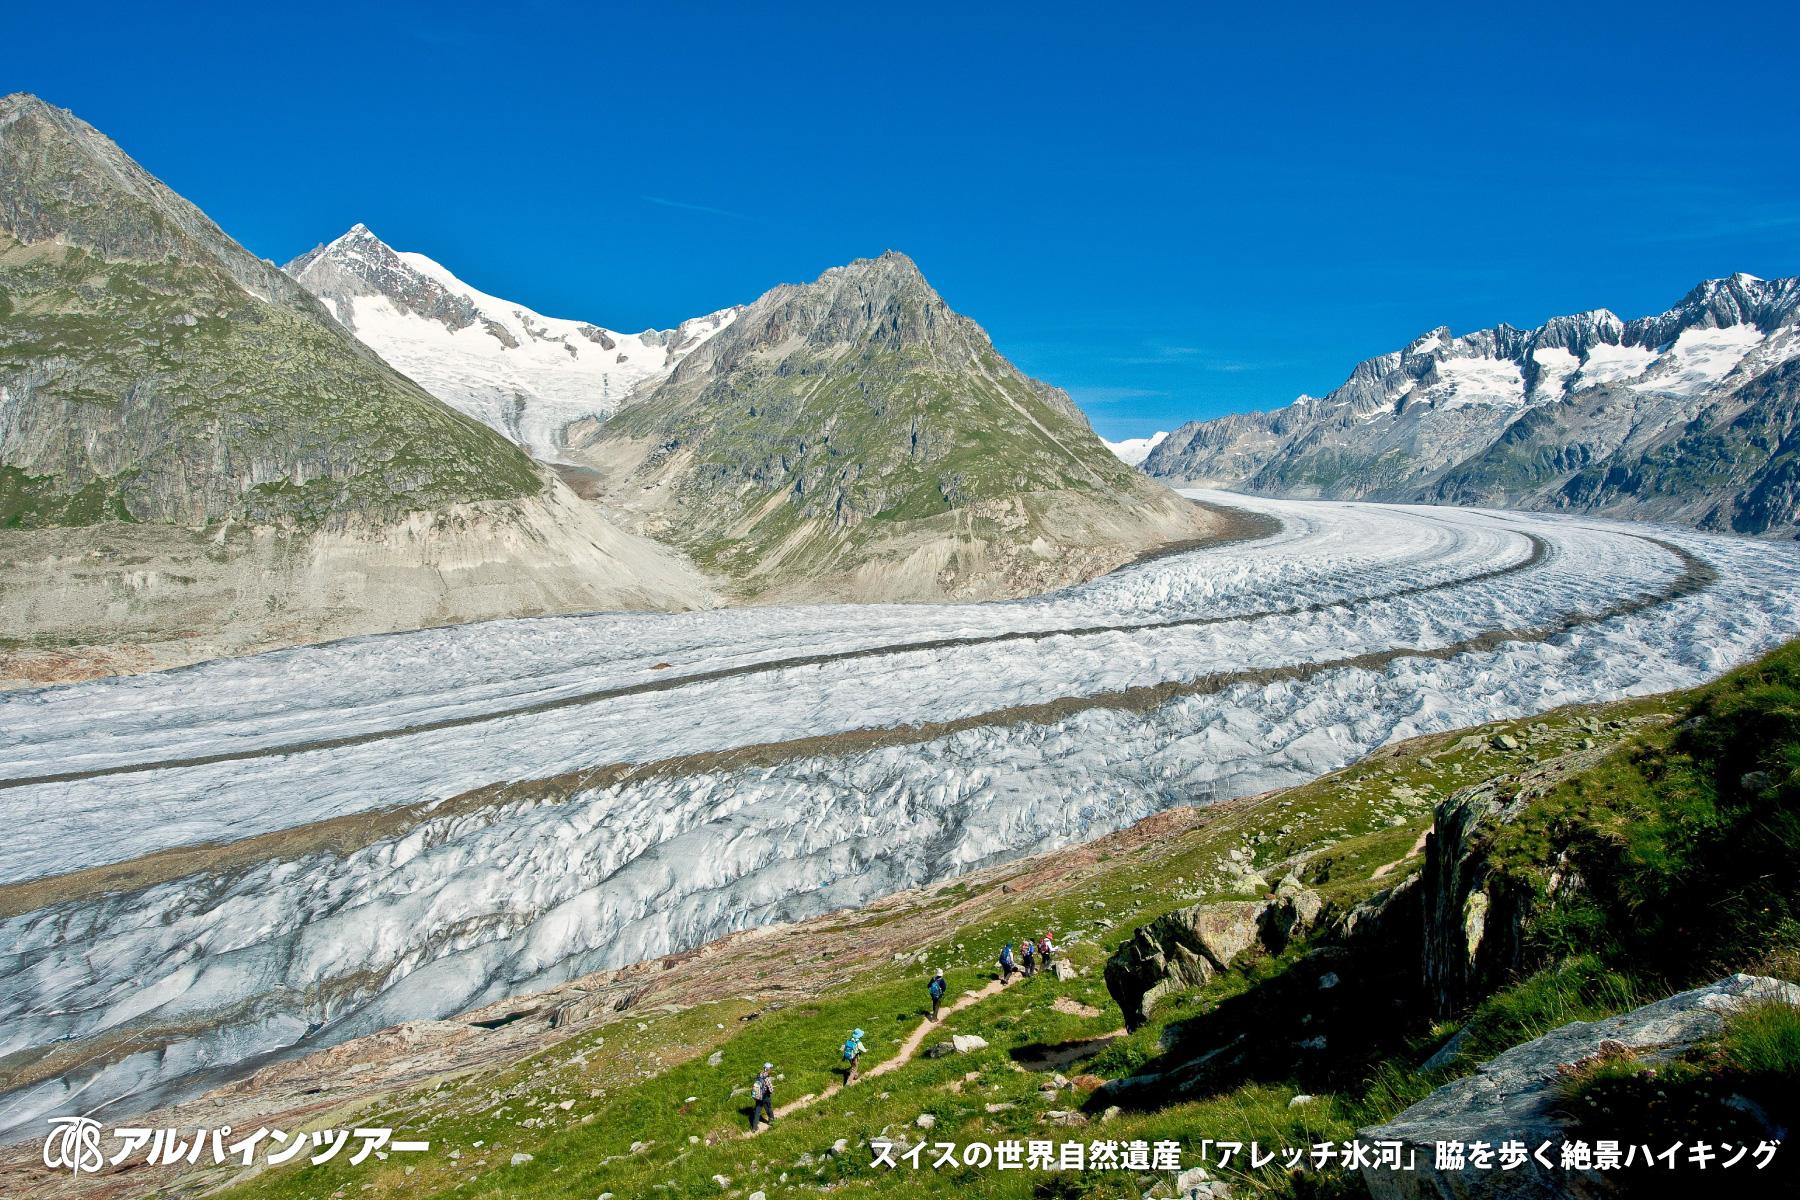 【今日の絶景】 アレッチ氷河